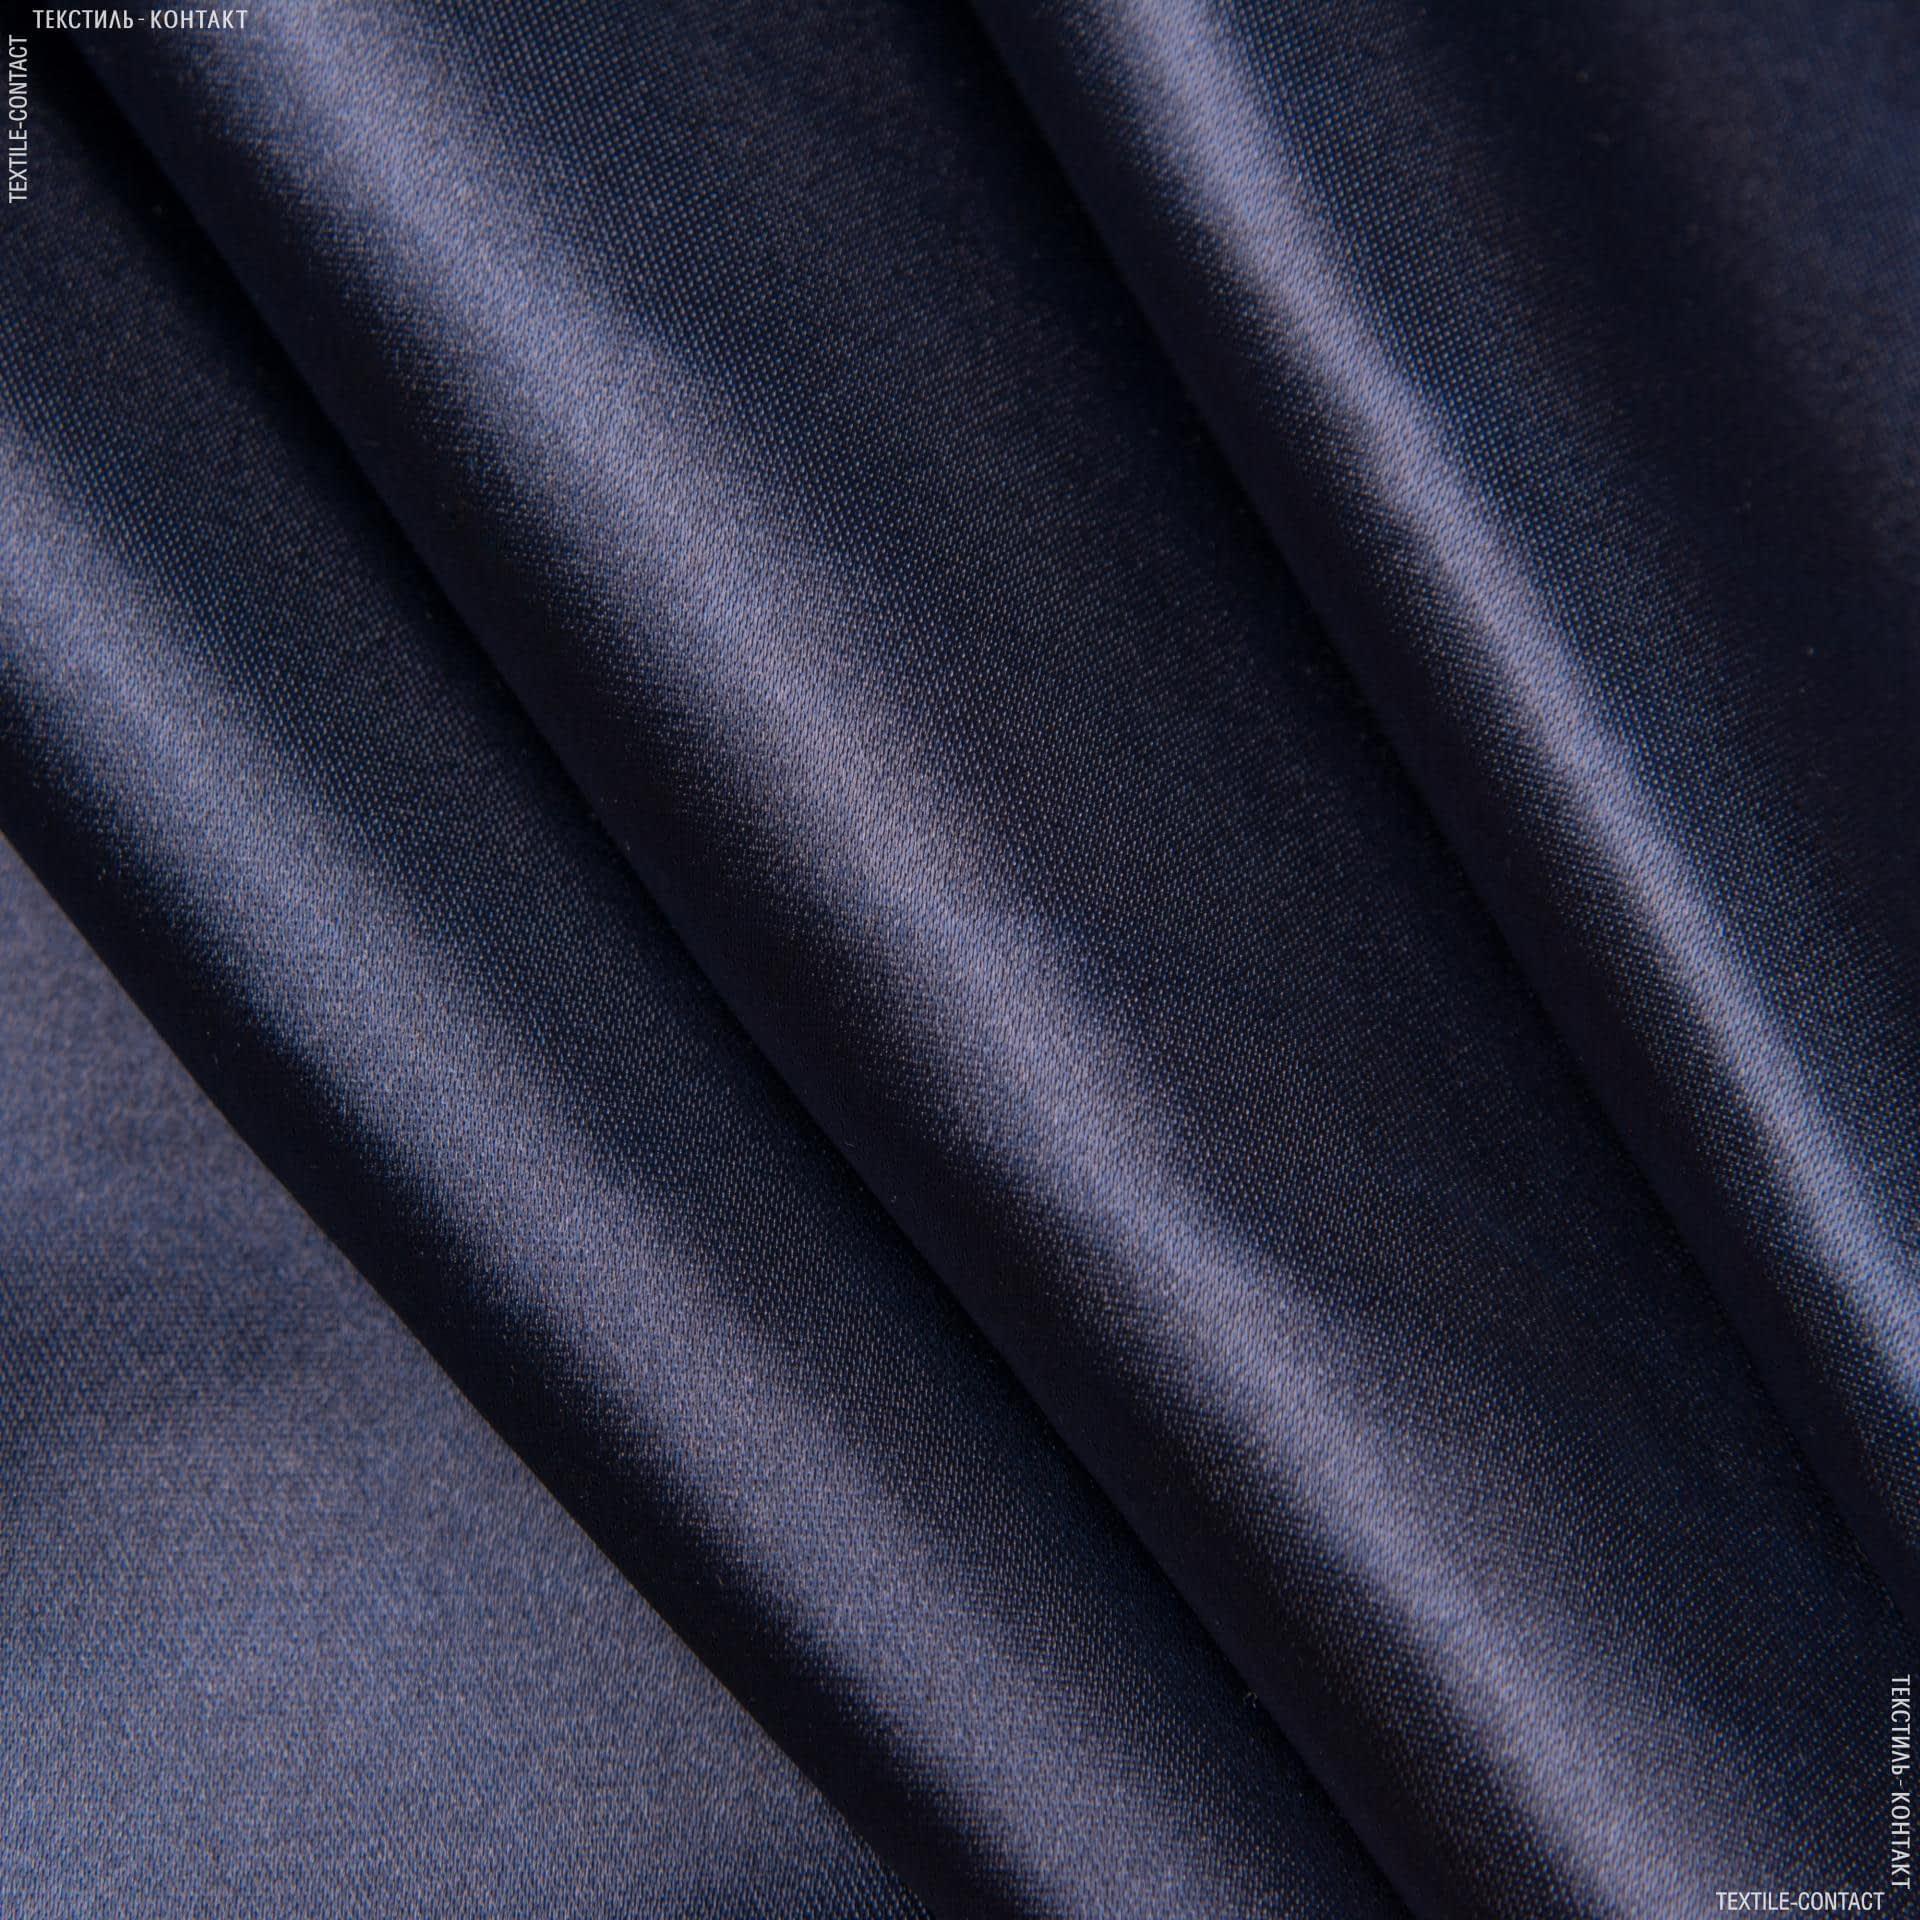 Ткани для костюмов - Атлас плотный темно-синий